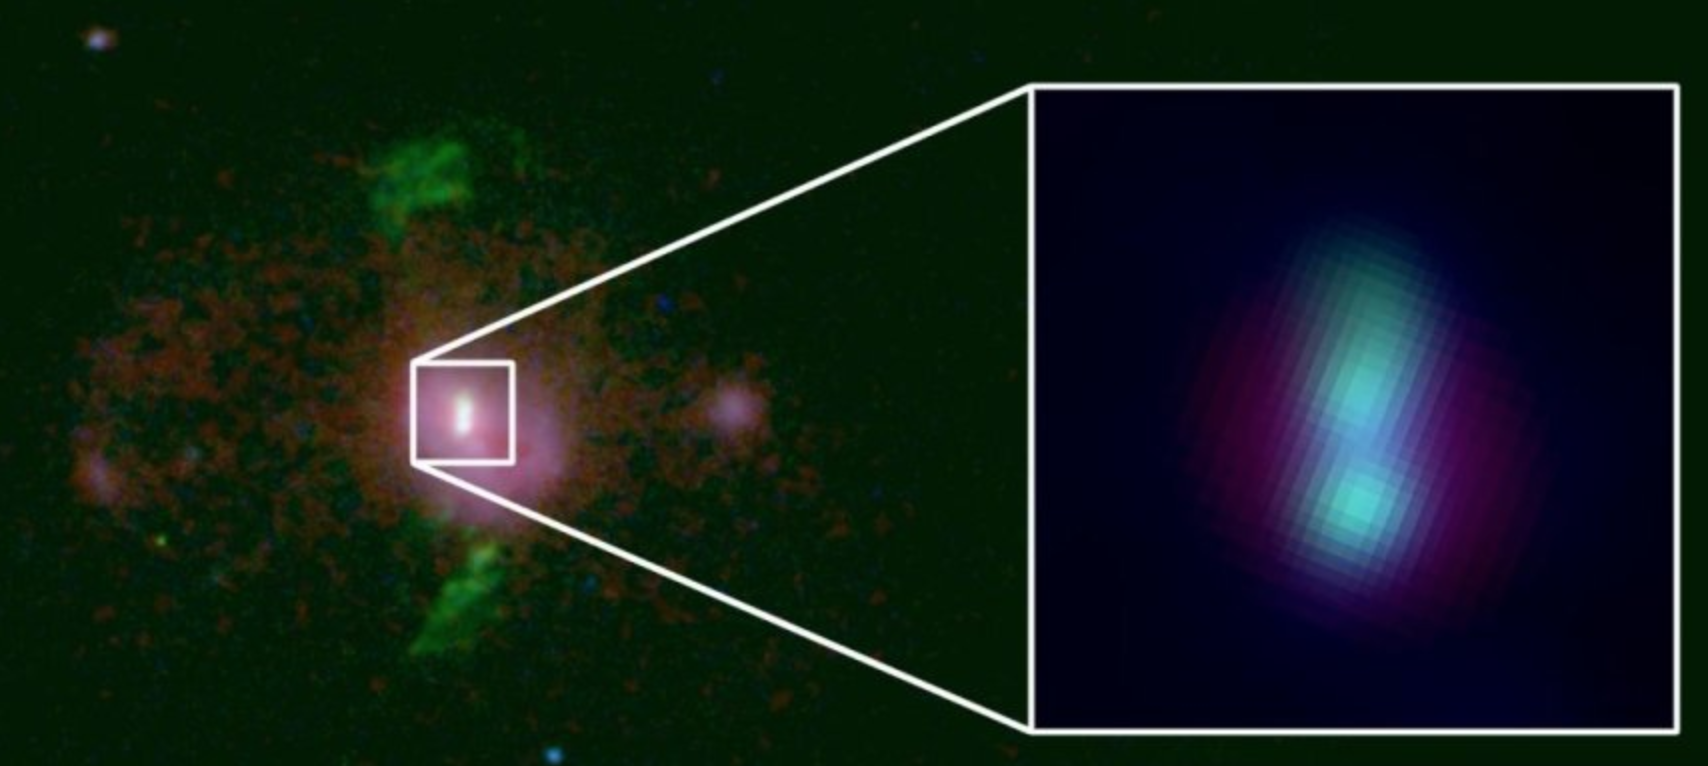 Astrónomos han detectado 2 agujeros negros supermasivos en curso de colisión